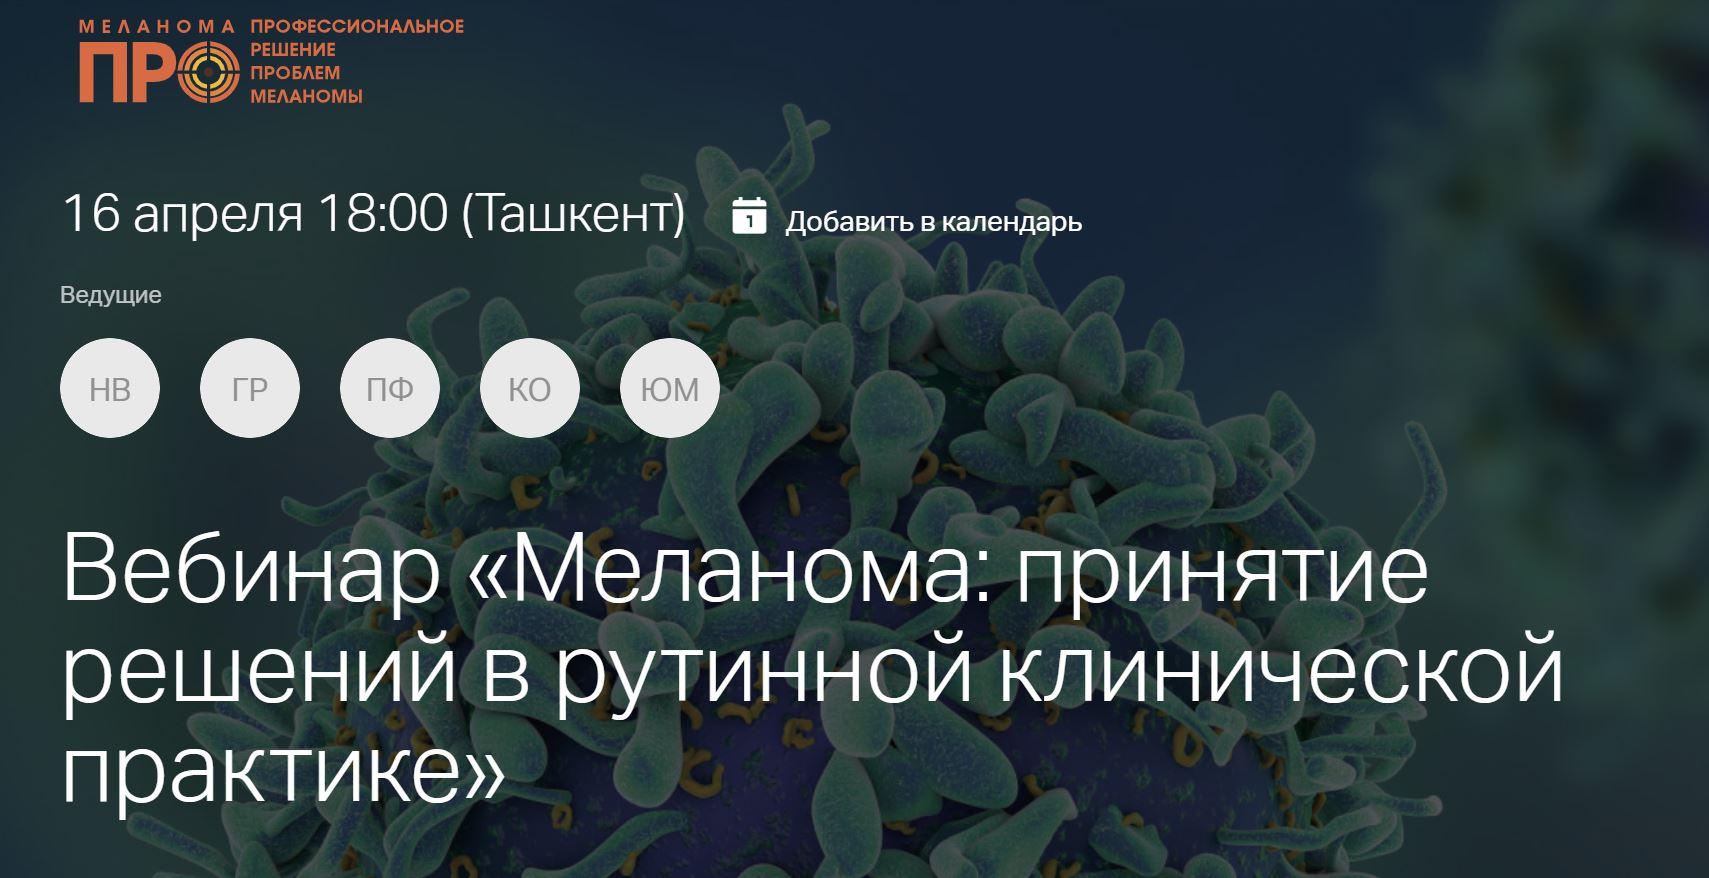 Вебинар «Меланома: принятие решений в рутинной клинической практике»